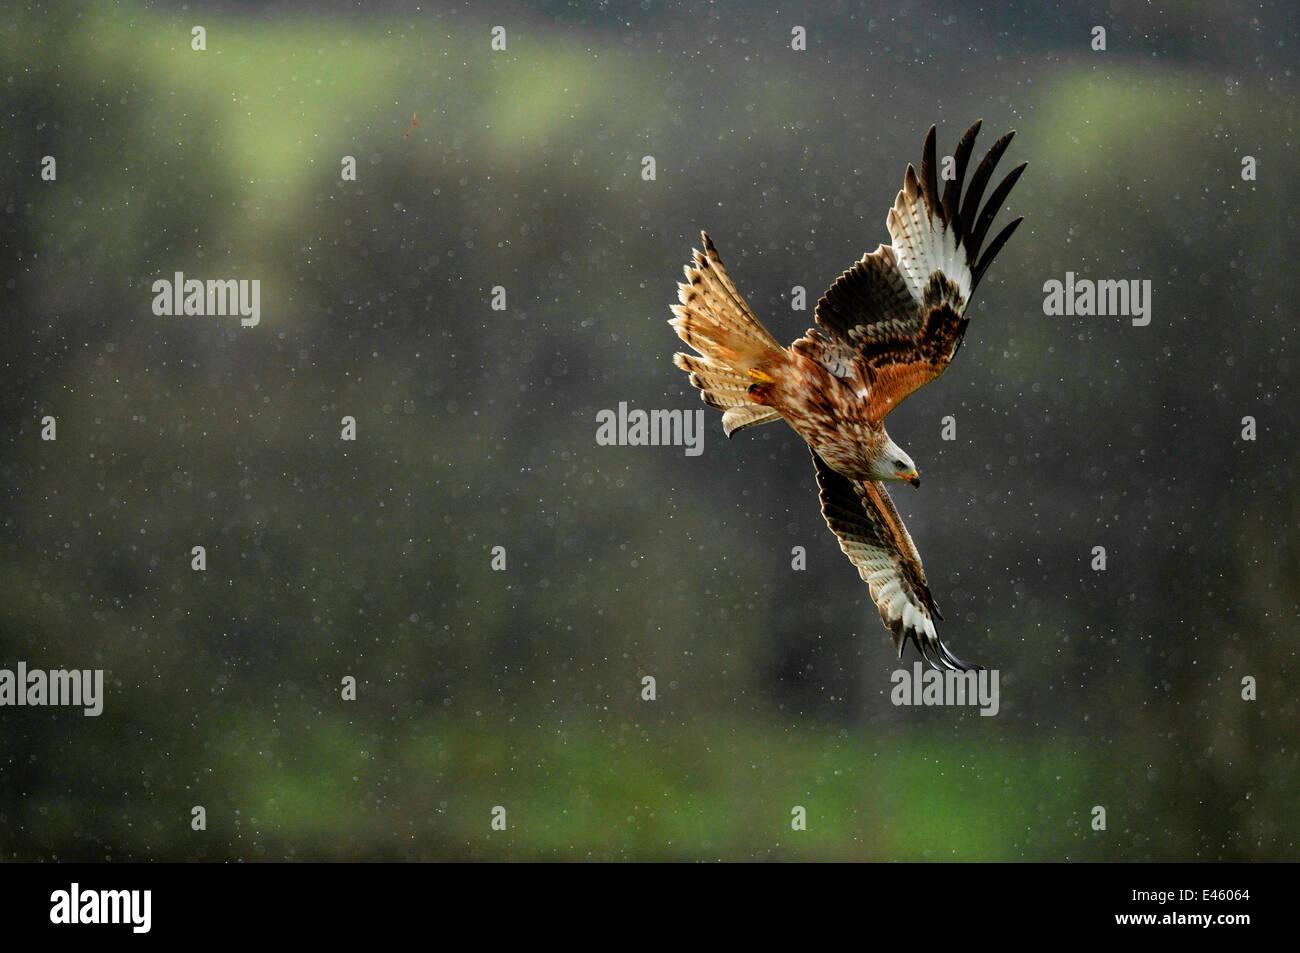 Nibbio reale (Milvus milvus) battenti in una doccia a pioggia. Dumfries and Galloway, Scozia, Giugno Foto Stock